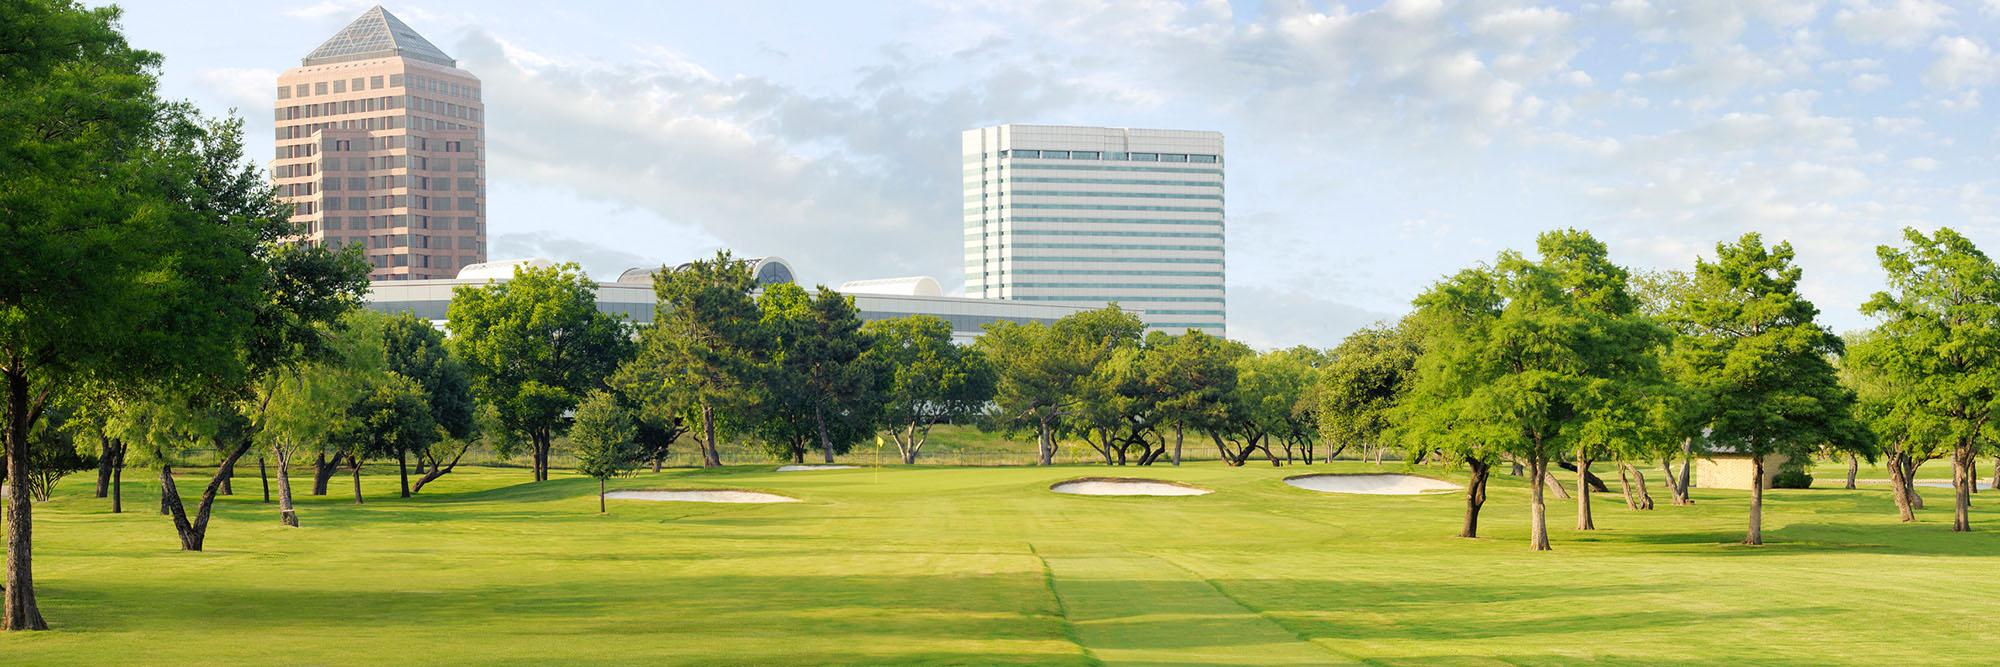 Golf Course Image - Las Colinas No. 6